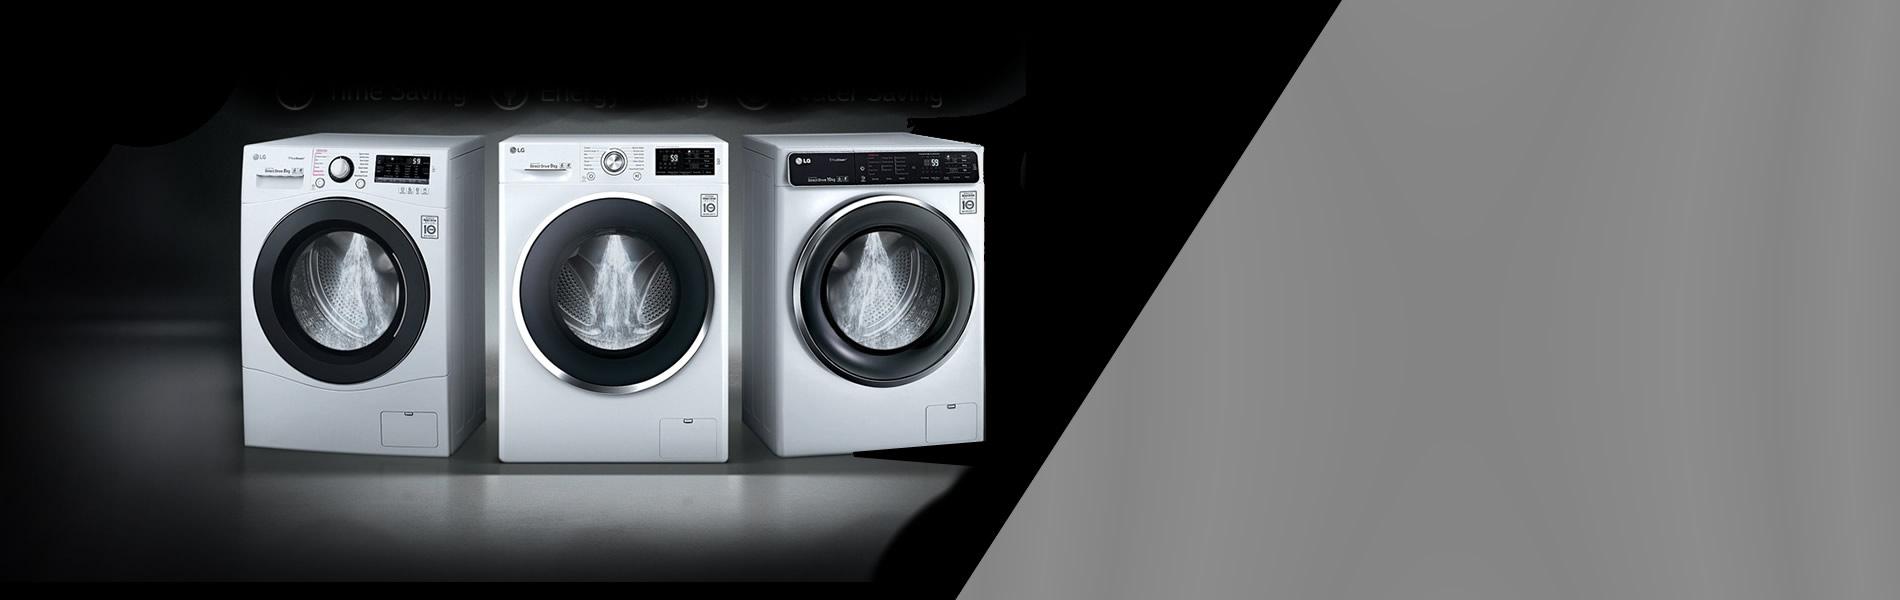 Reparação máquinas lavar roupa